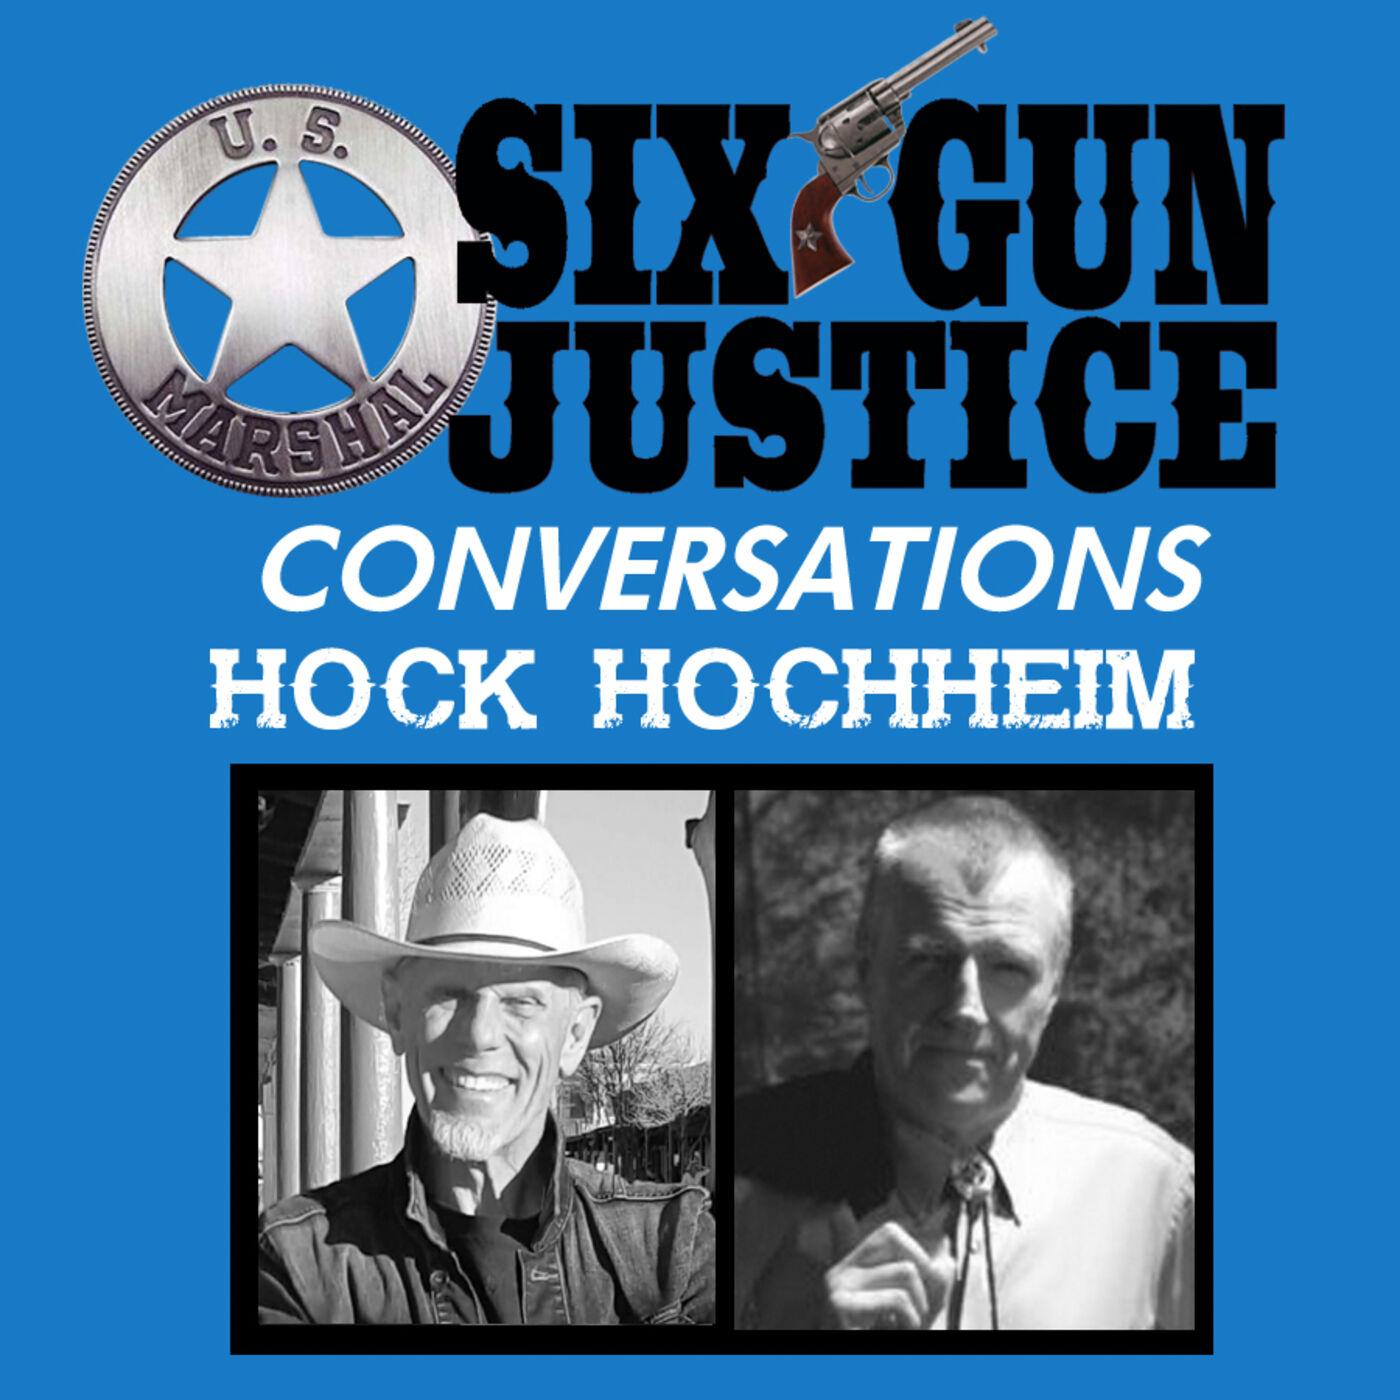 SIX-GUN JUSTICE CONVERSATIONS—HOCH HOCHHEIM